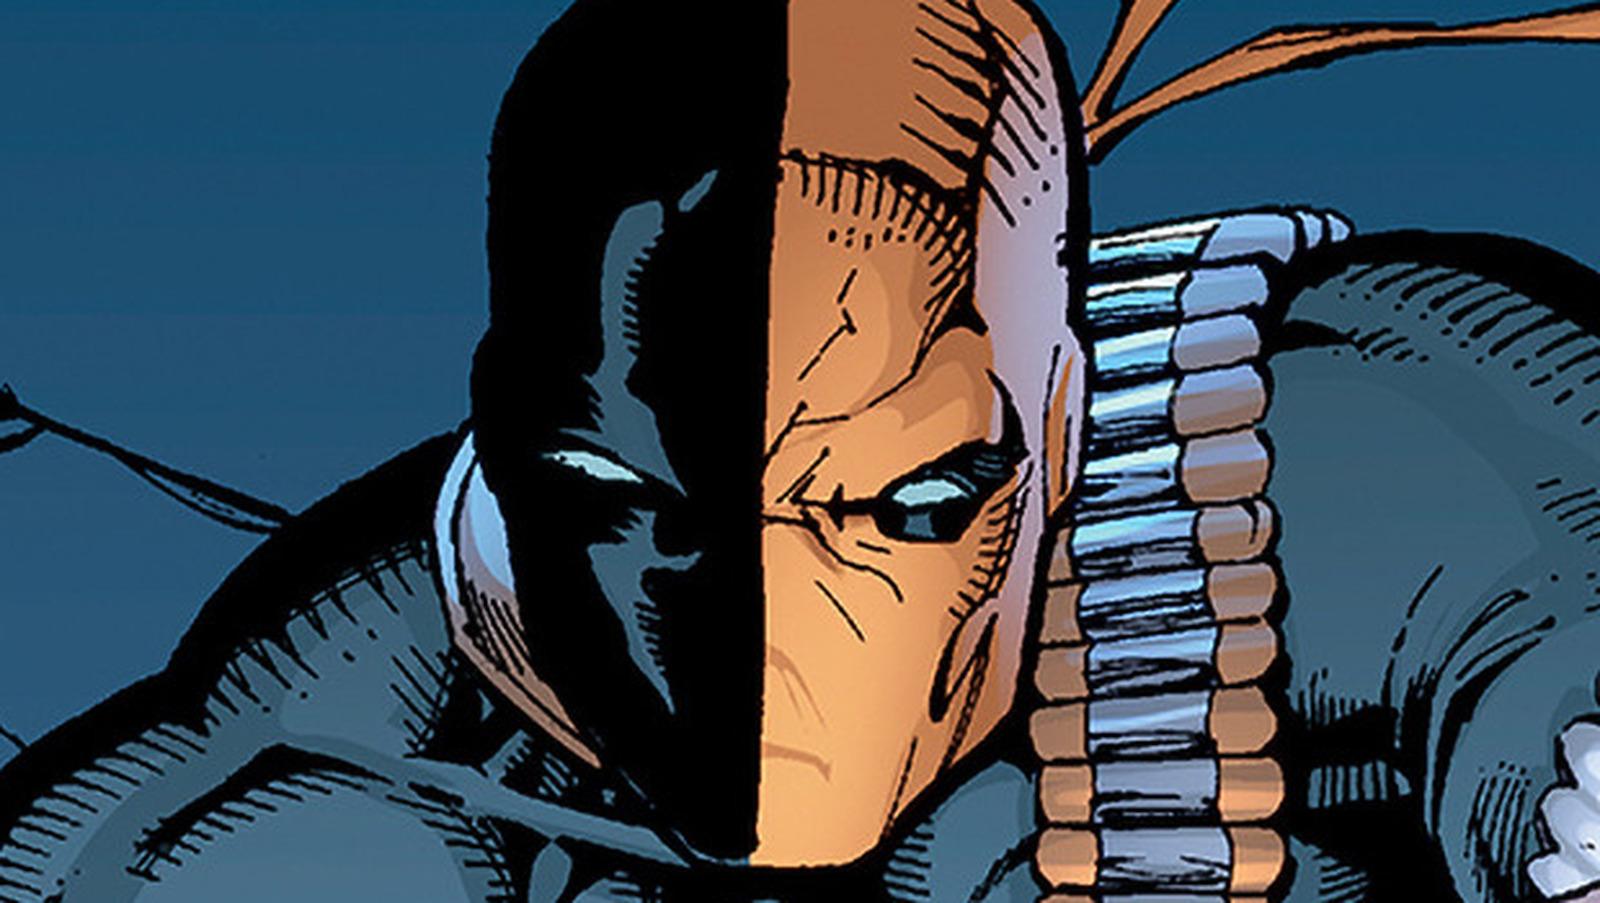 La Liga de la Justicia acaba de provocar un nuevo y misterioso Deathstroke